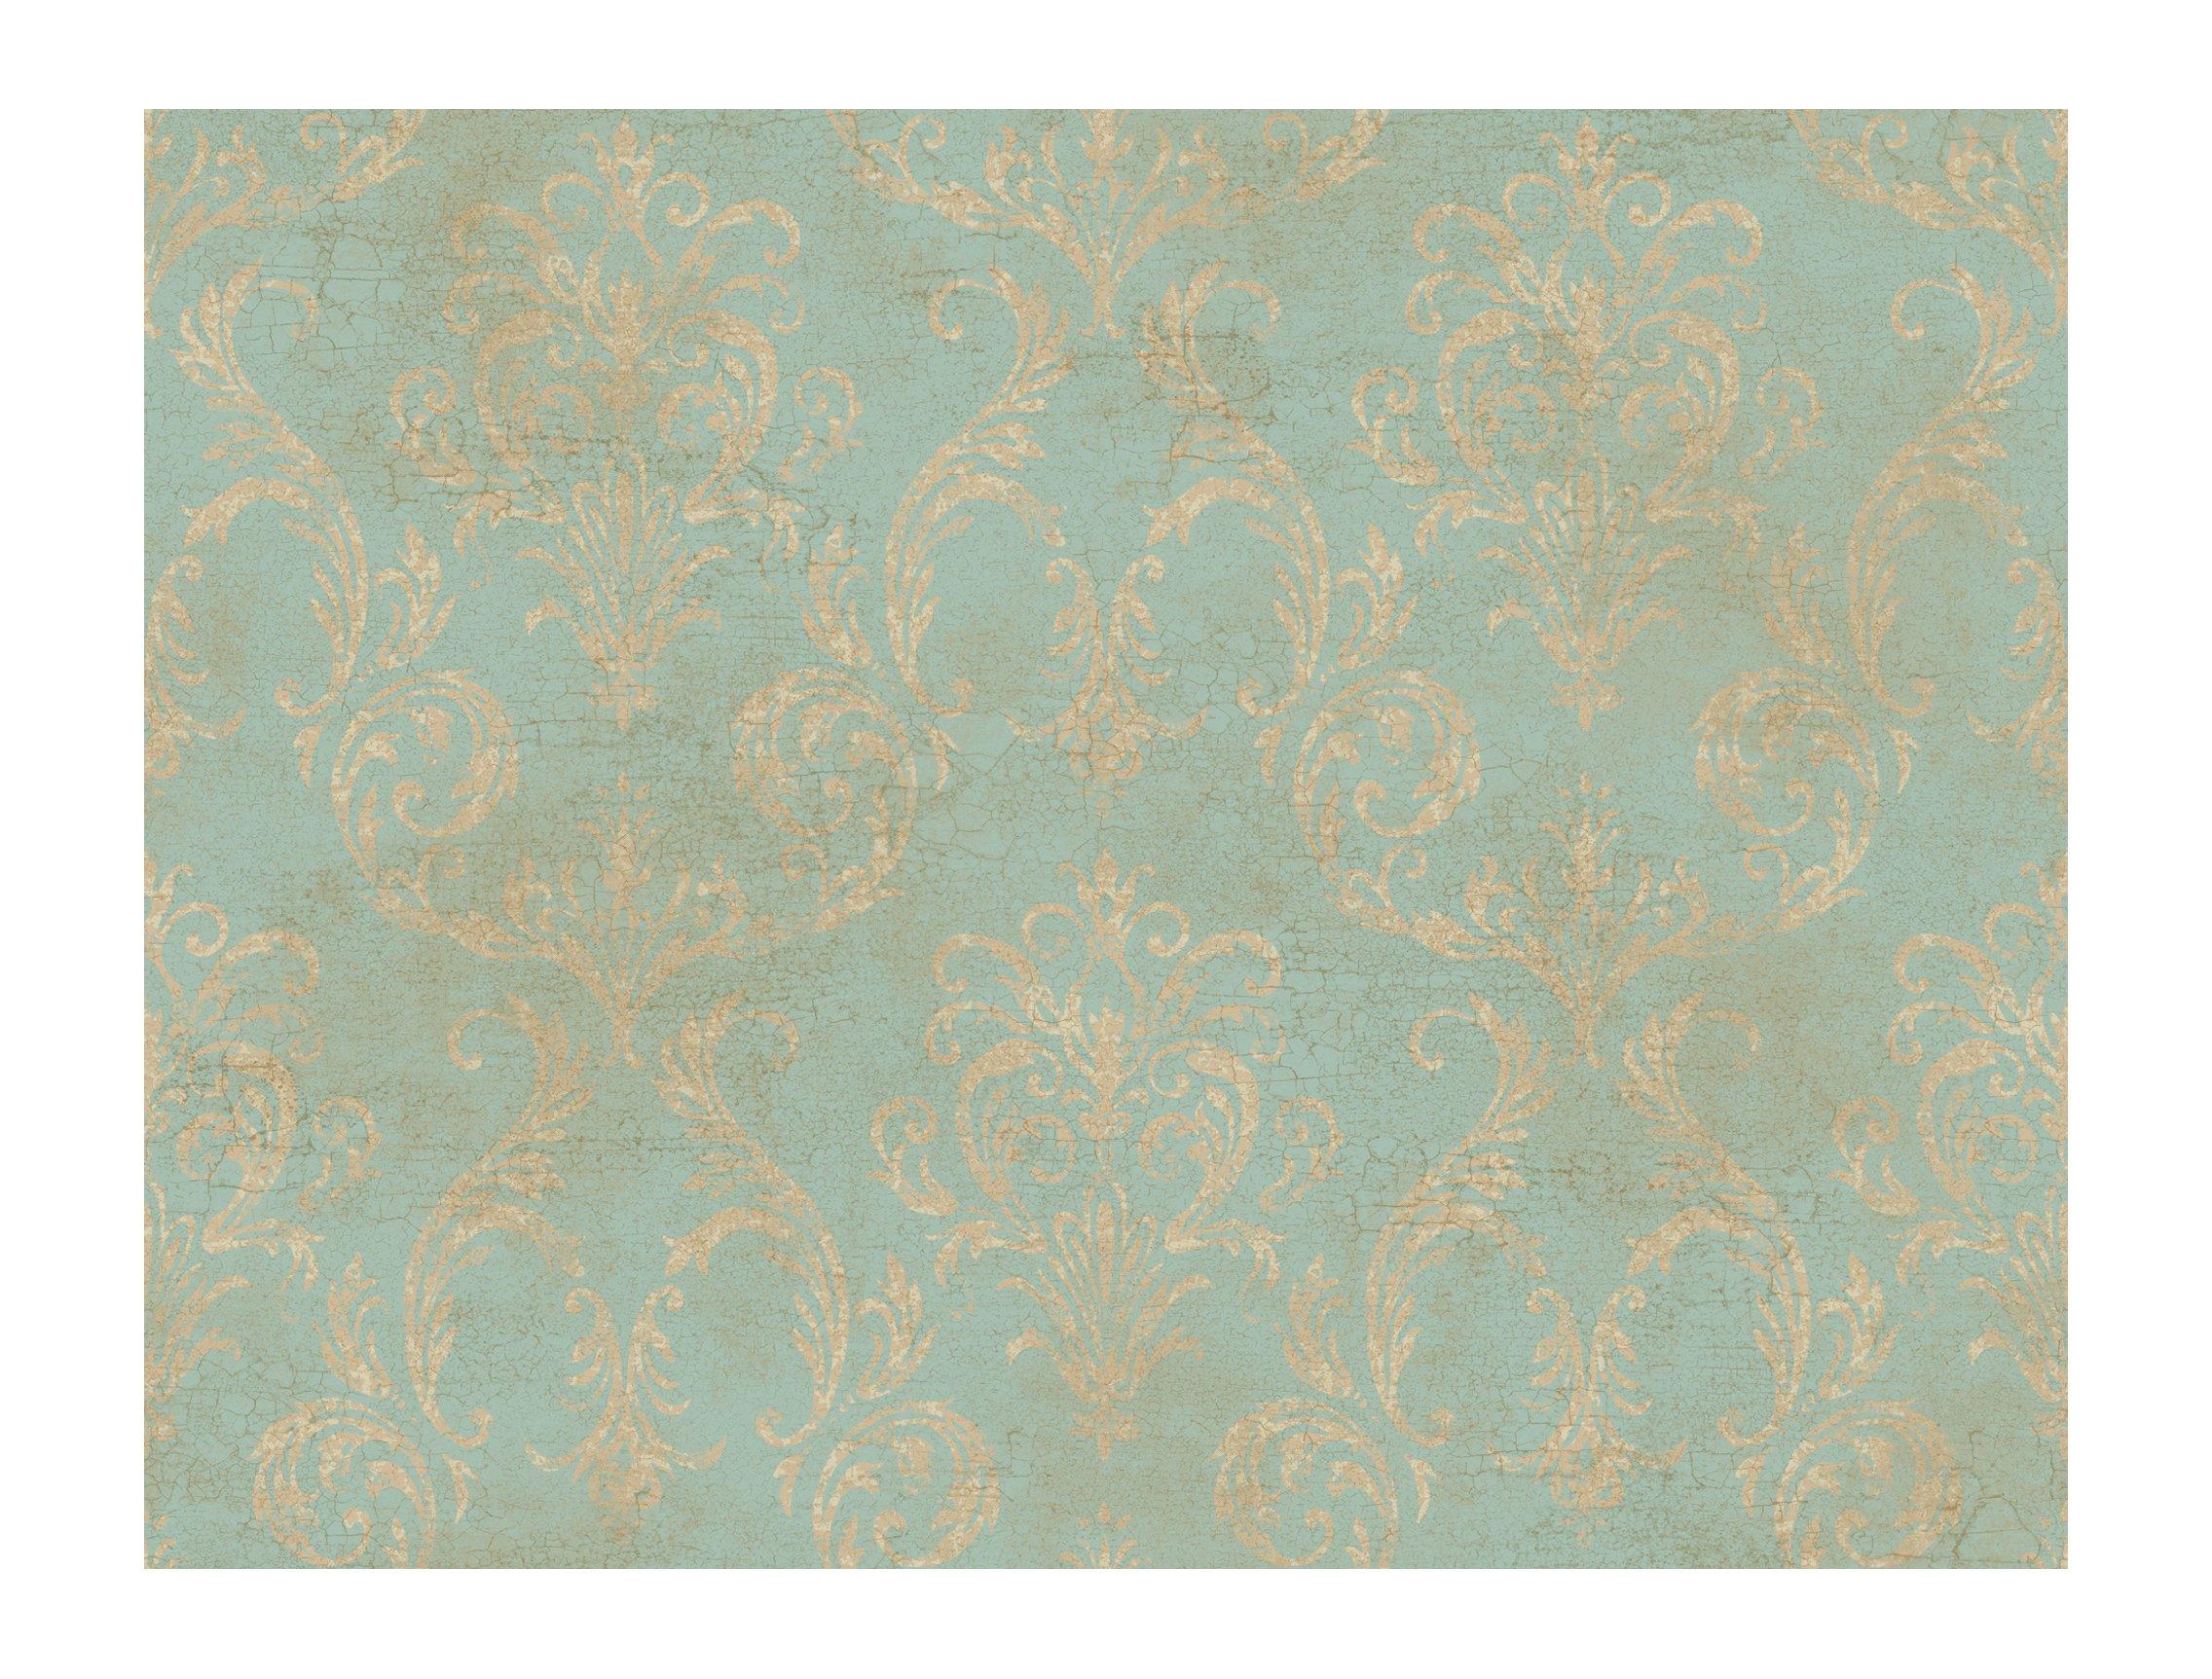 York Wallcoverings GL4656 Brandywine Delia Damask Wallpaper, Robin's Egg Blue/Bronze/Sand